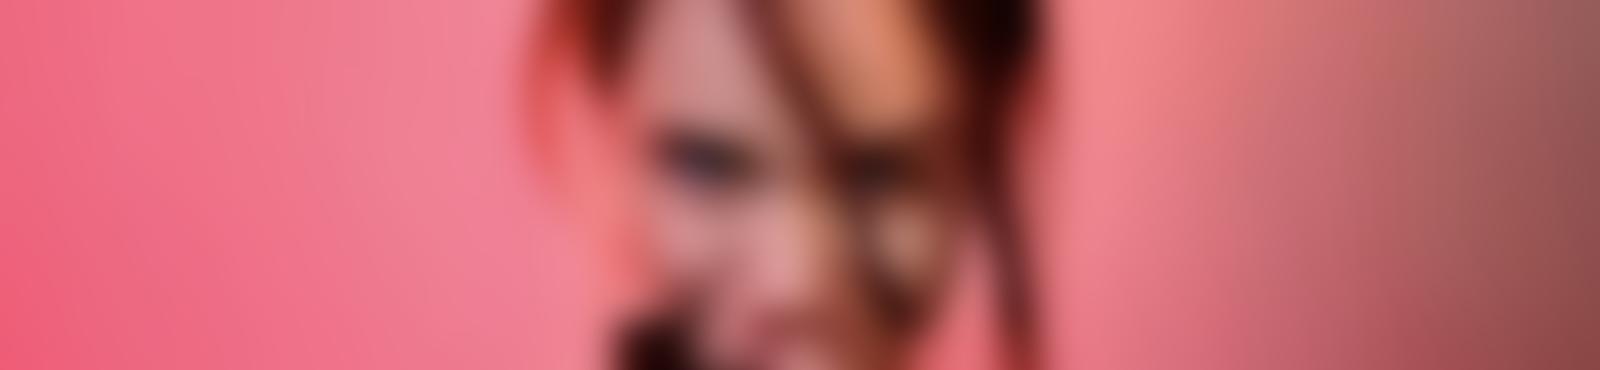 Blurred 1d821fb9 fab3 4d9f 8e42 21fdc158a296